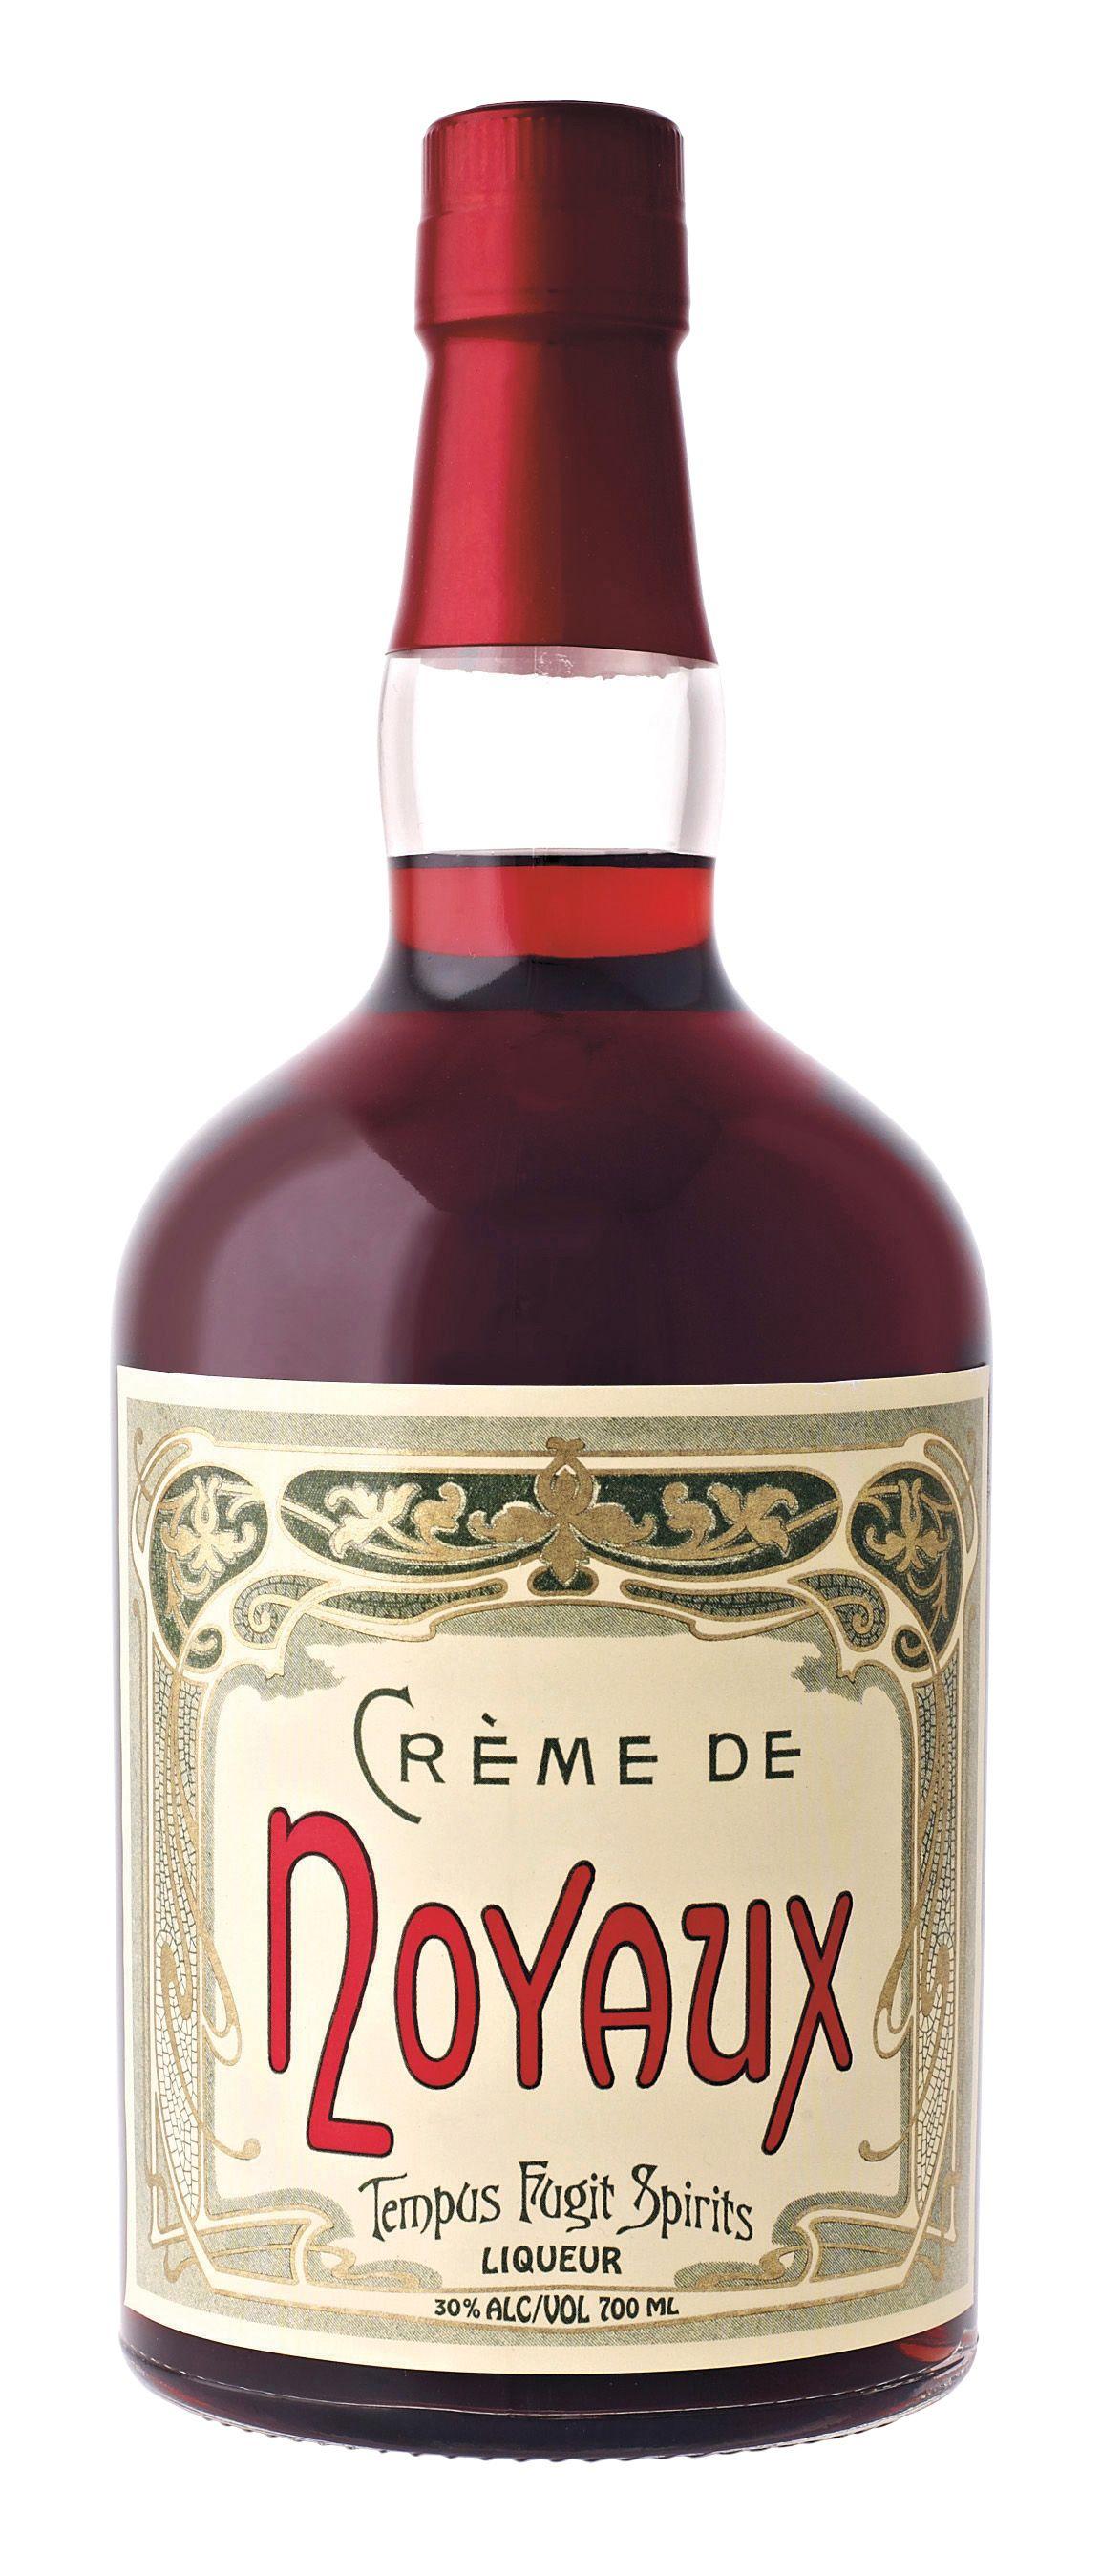 Crème de Noyaux Bottle, Whiskey bottle, Liquor